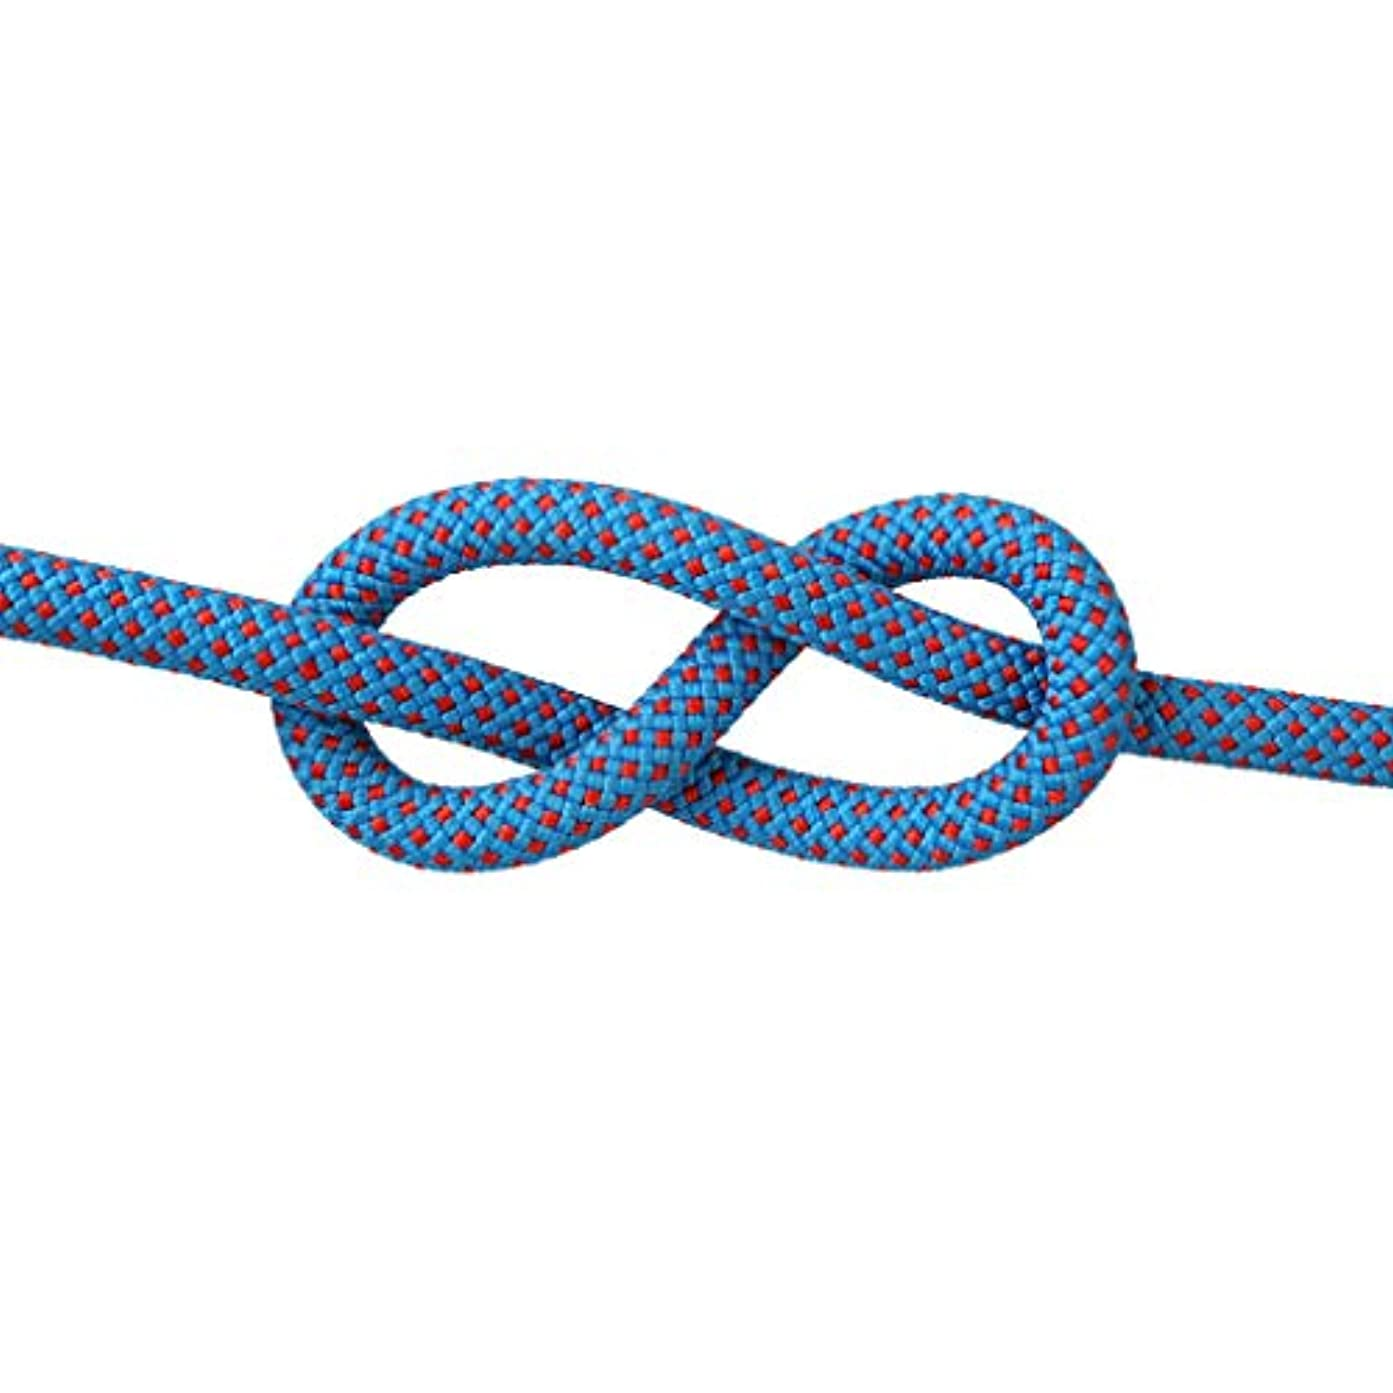 深さドレイン本KTYXDE クライミングロープの命を救うエスケープロープスパイダーマンロープスピードドロップロープ様々なサイズの色 クライミングロープ (Color : G, Size : 8mm 50m)